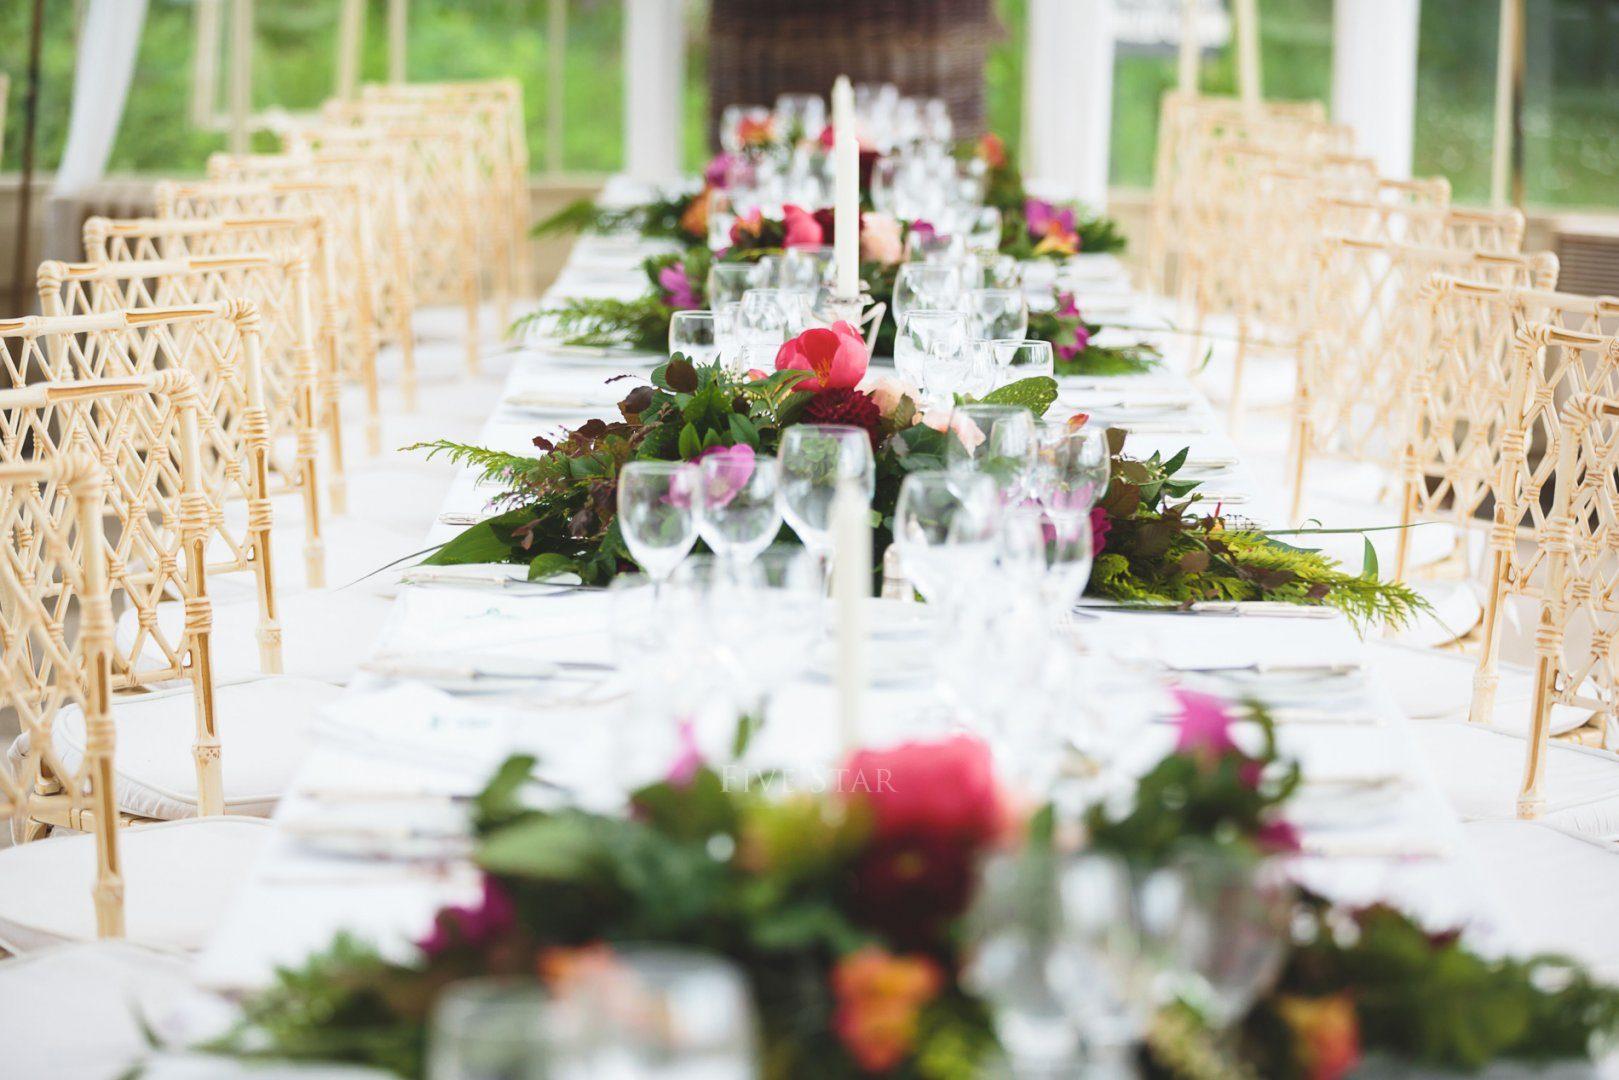 Longueville House Weddings photo 15